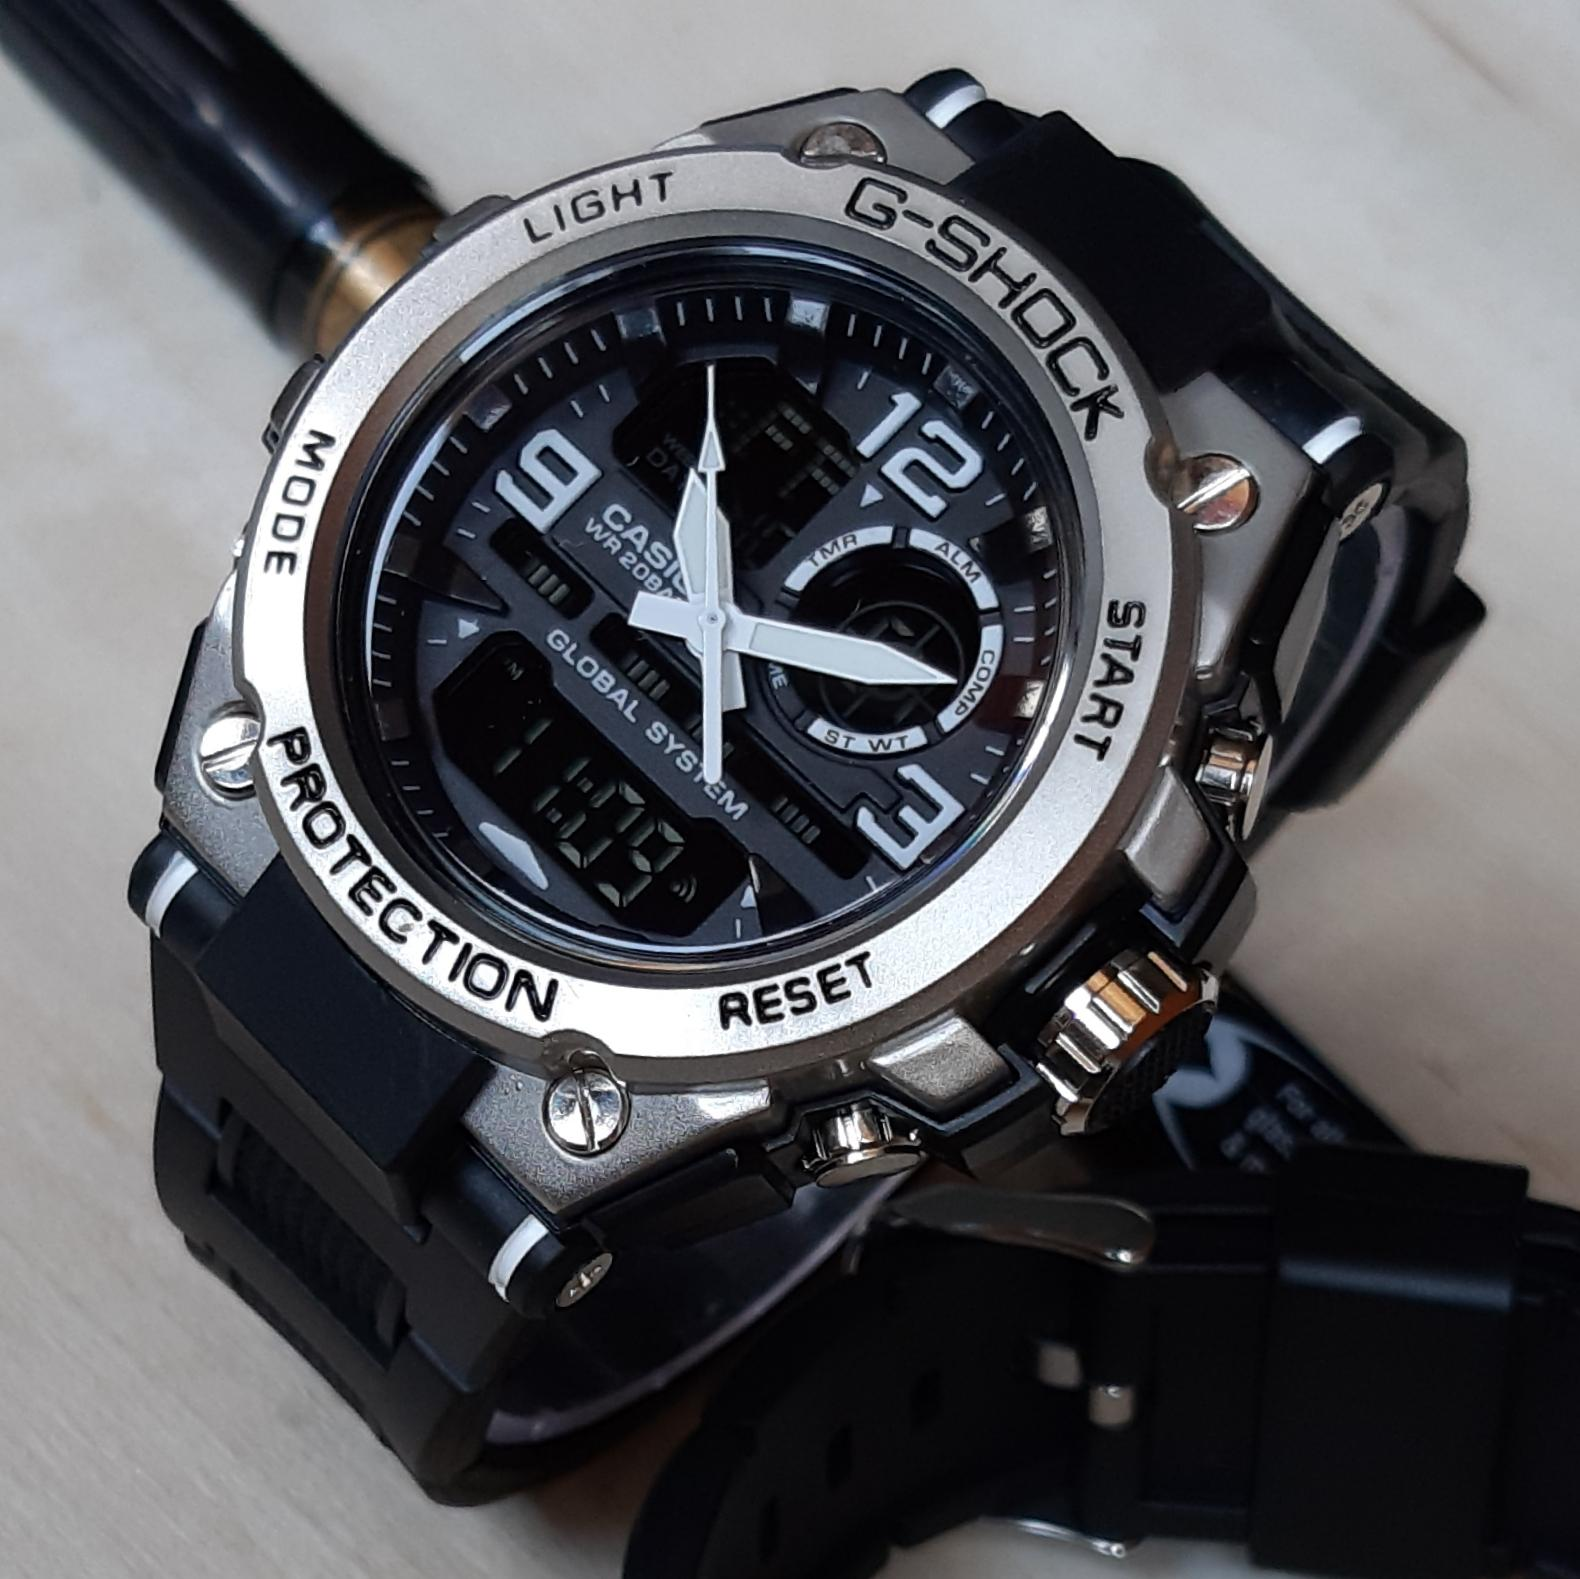 TOKO INDONESIA-Best buy Jam Tangan Pria time -02 01 19 8828d2fe6b